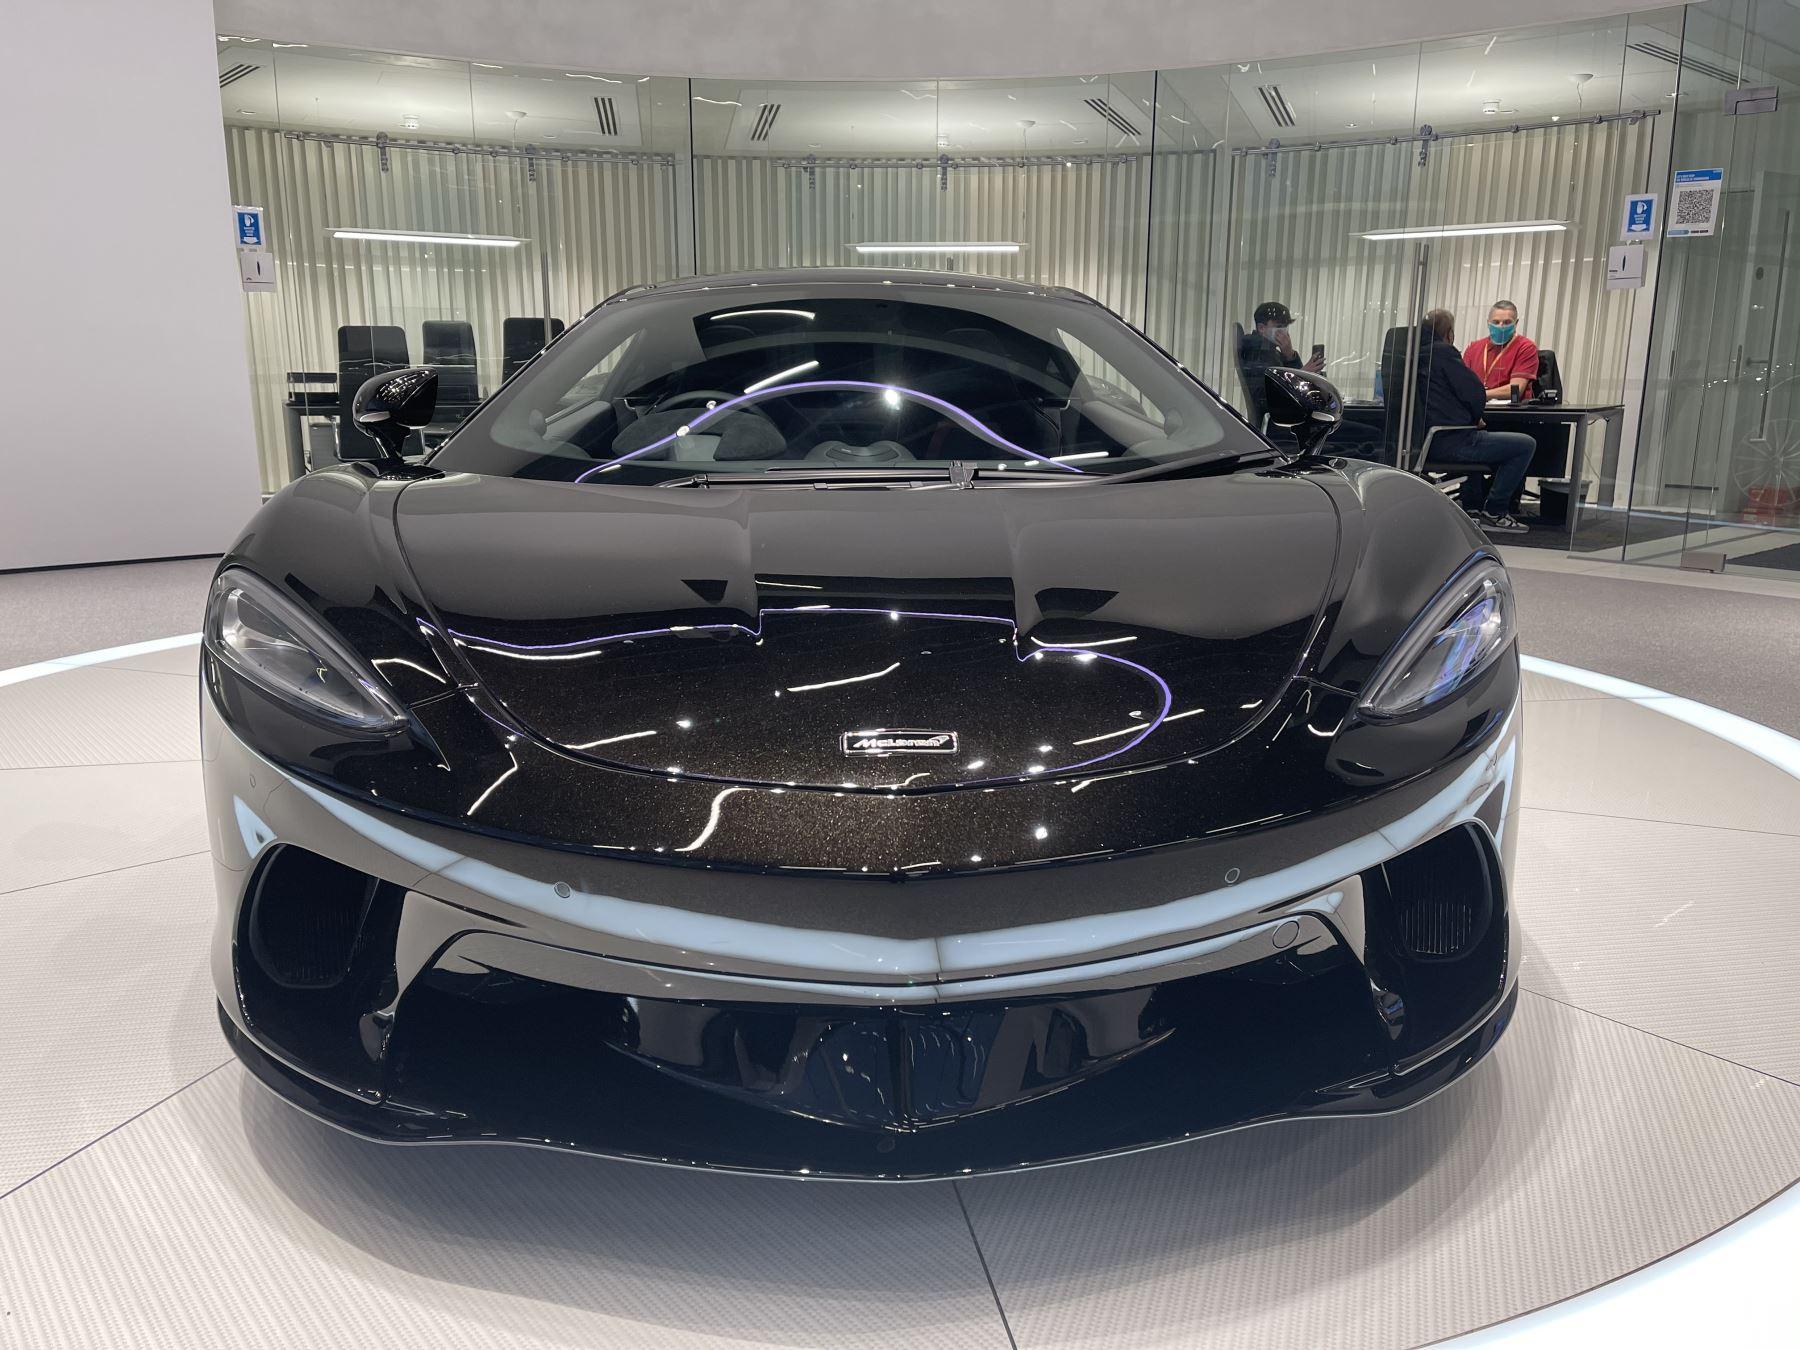 McLaren GT 4.0 V8 2dr image 2